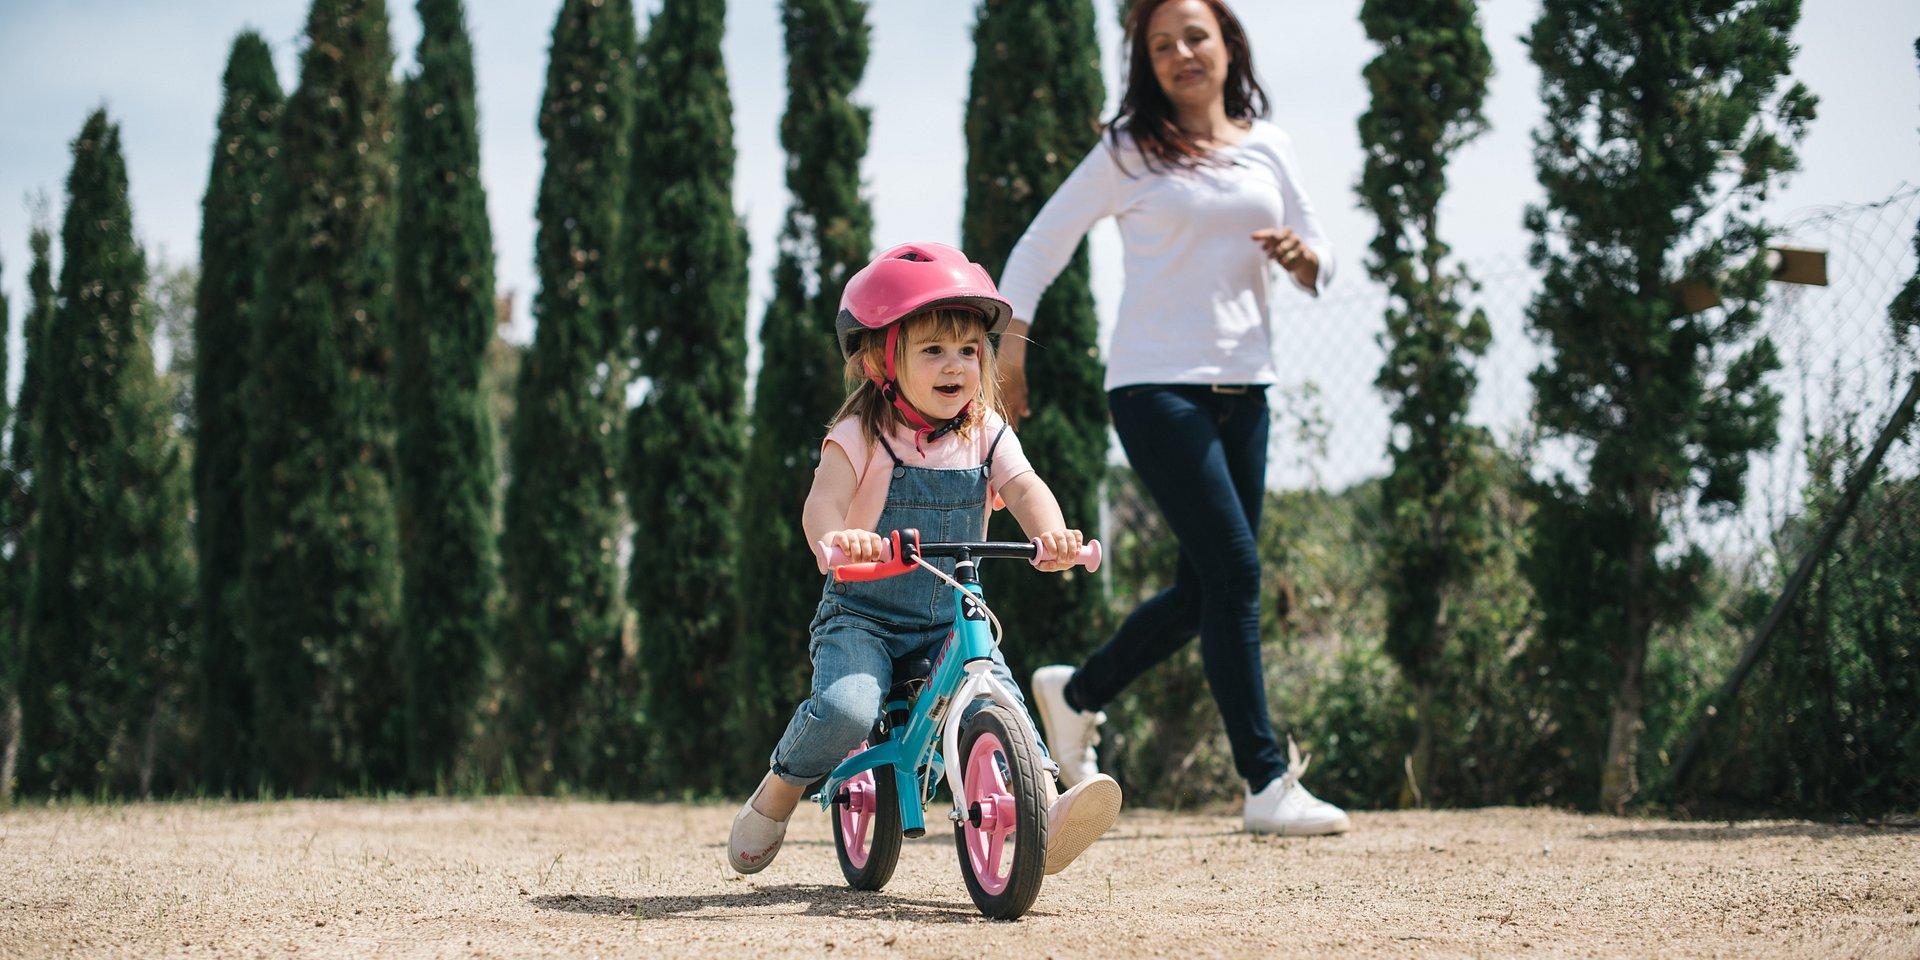 W Dzień Dziecka sprawdźcie się w sporcie razem!